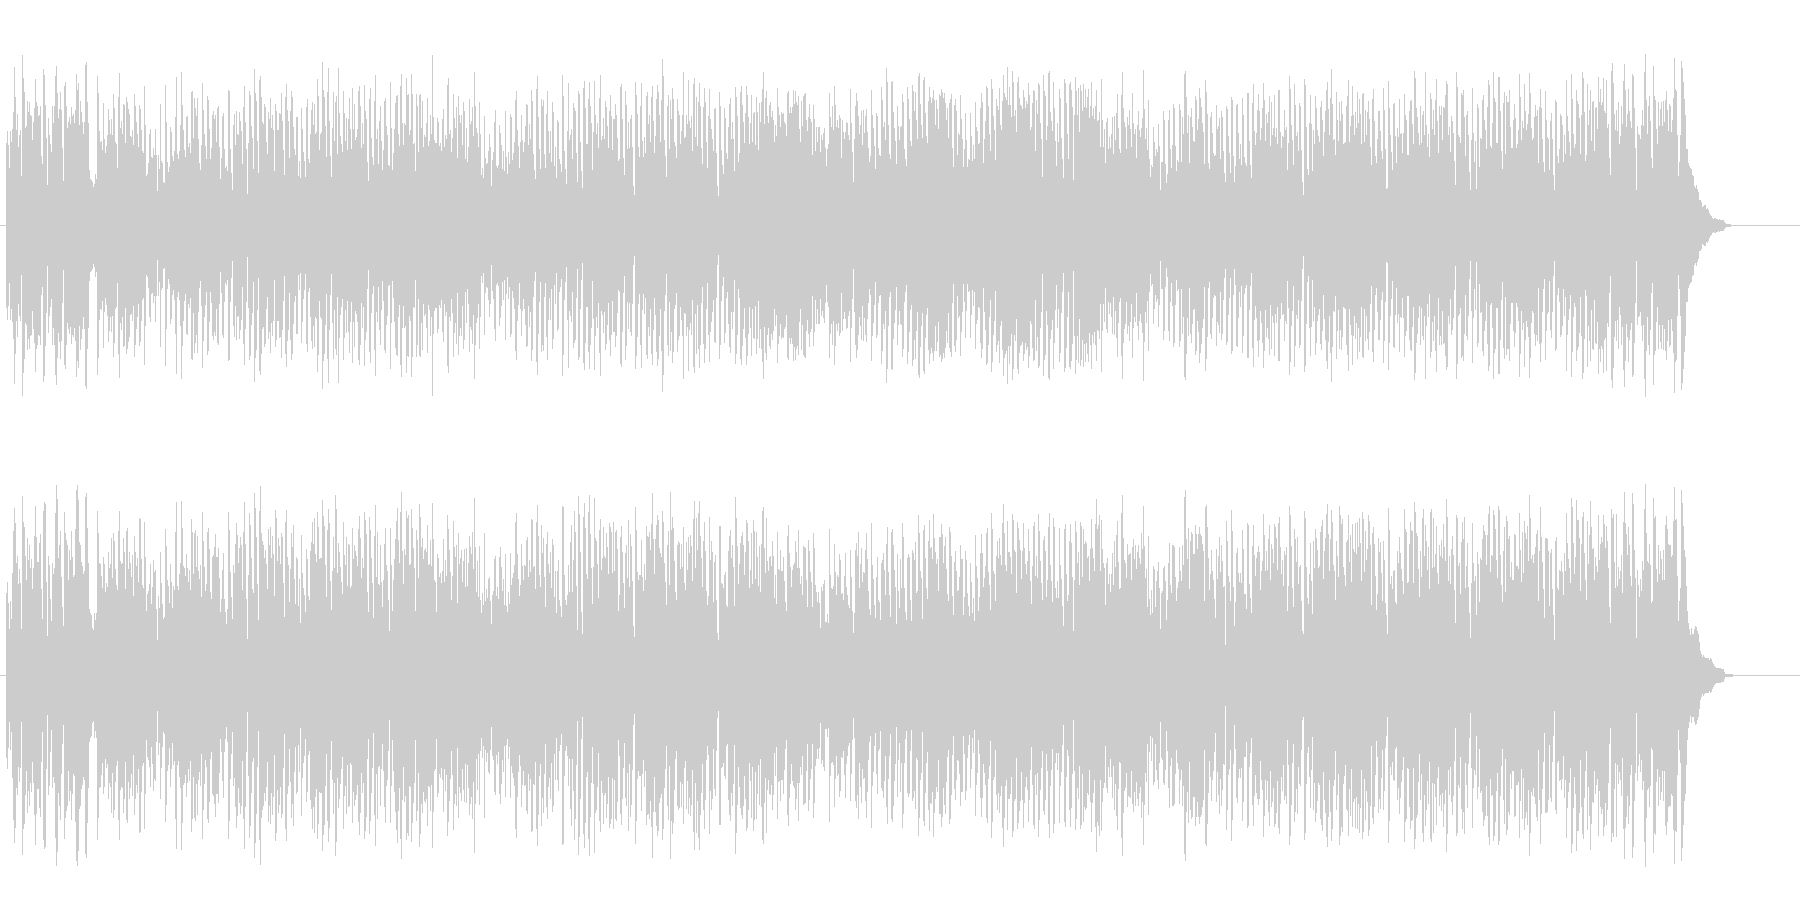 陽気な大人の4ビート・ジャズ・シャッフルの未再生の波形